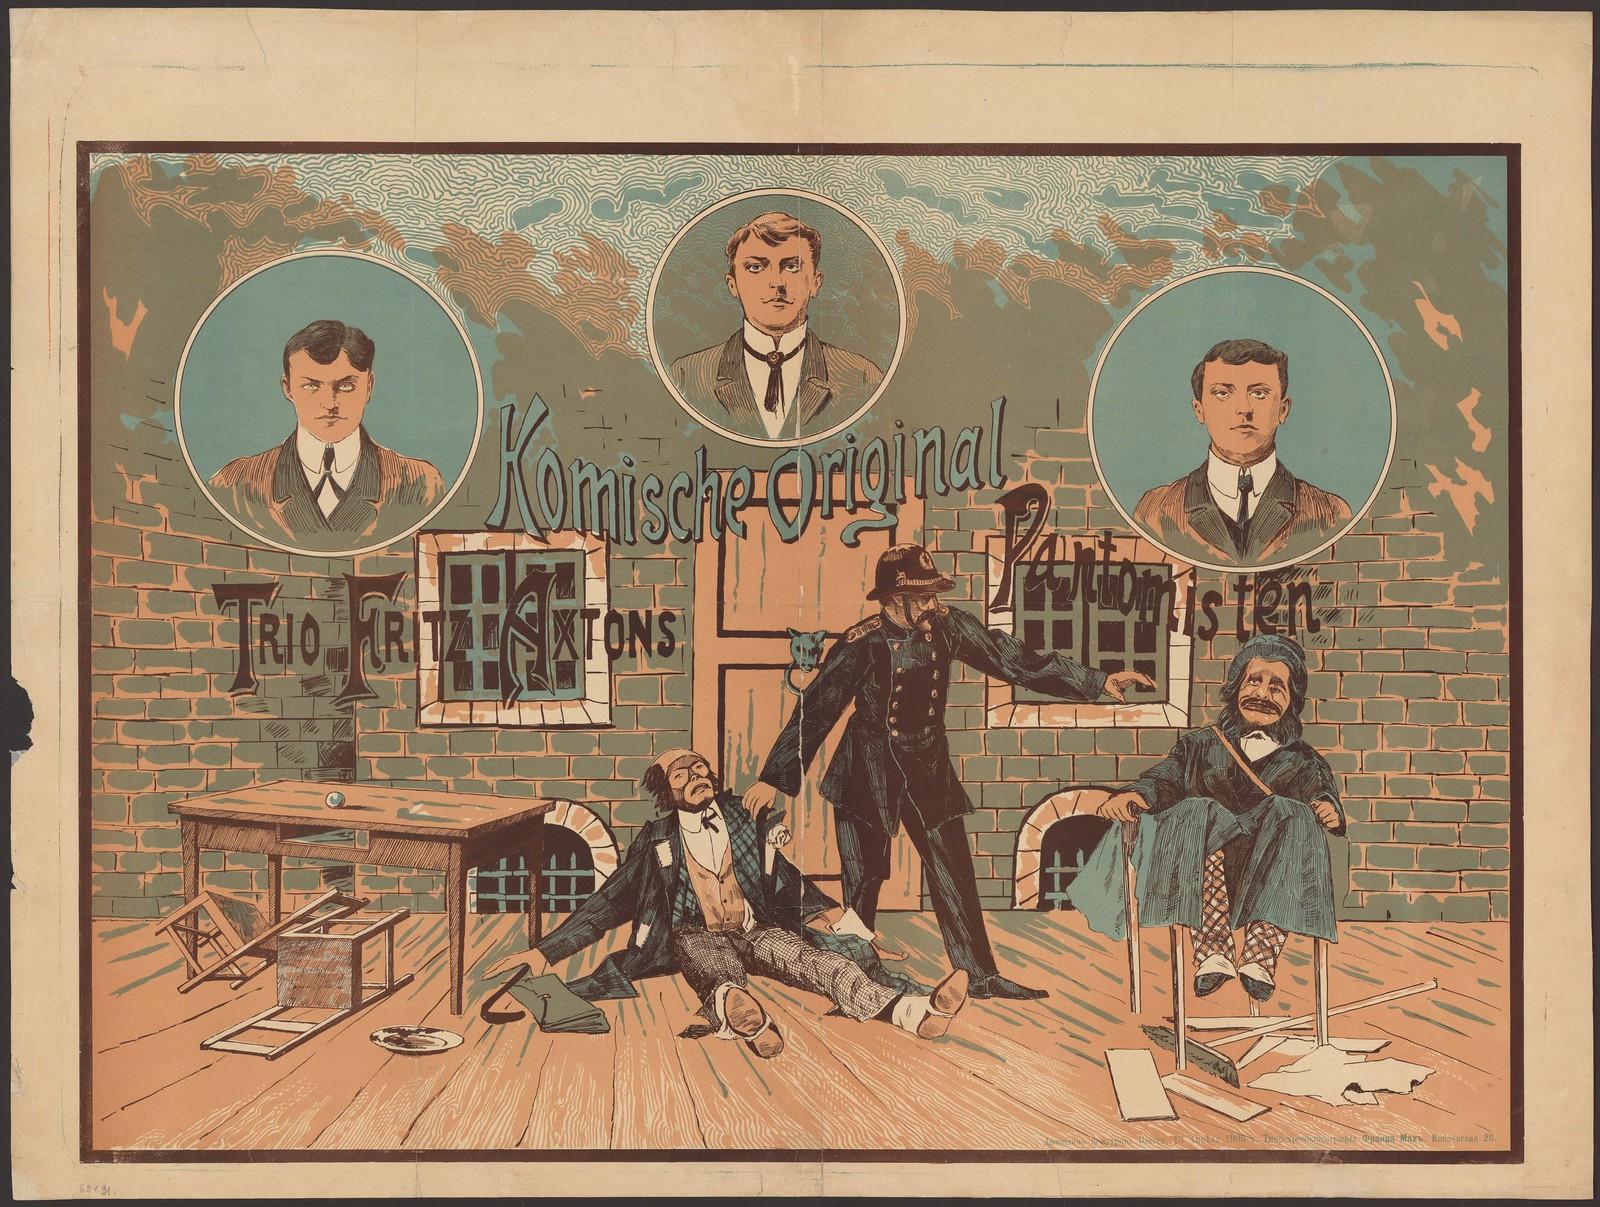 1905. Веселое оригинальное трио пантомистов Фрица Акстона